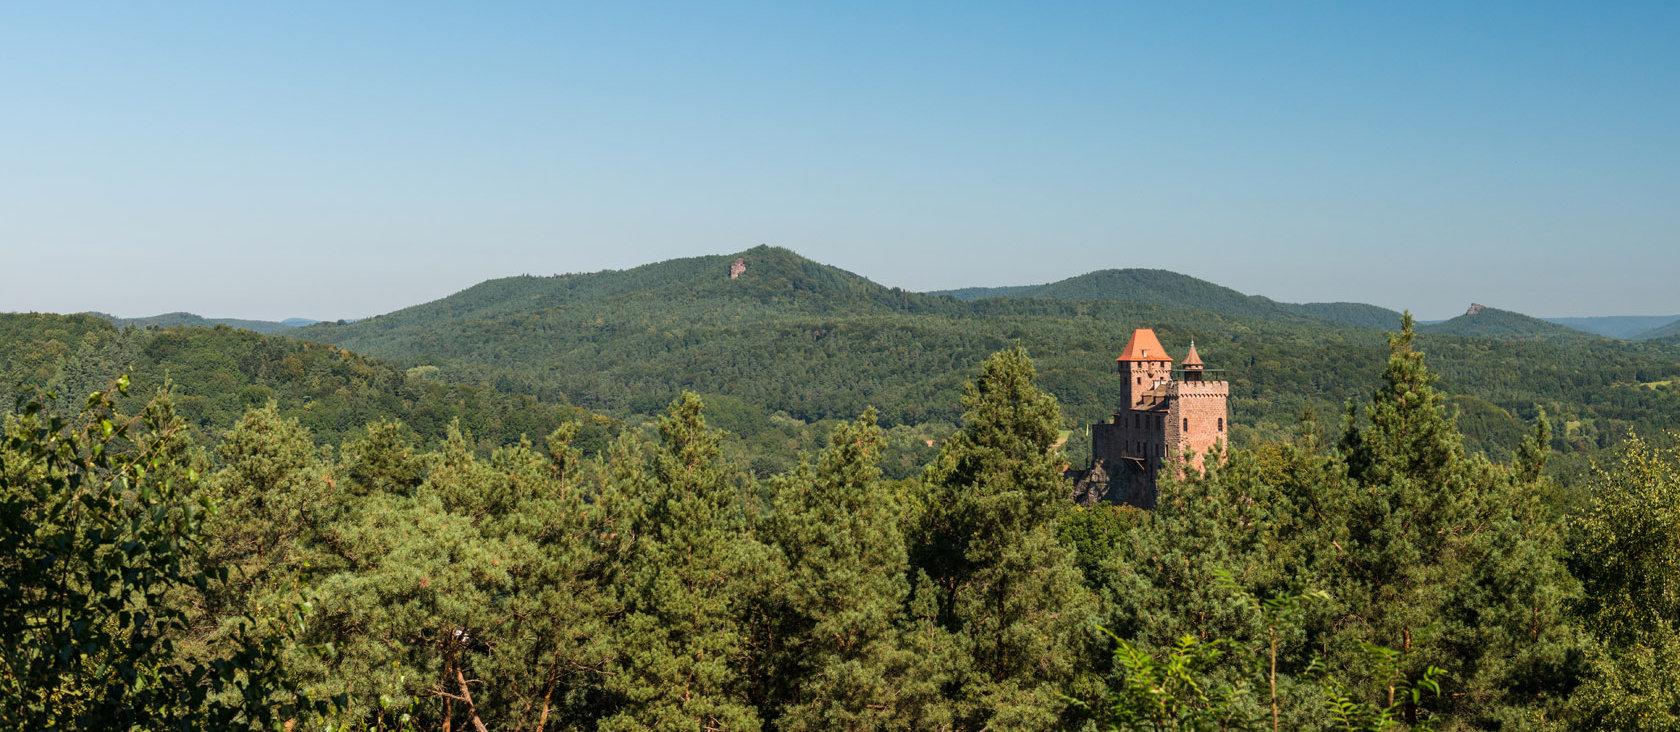 Uitzicht op het kasteel Berwartstein in Erlenbach bij Dahn, Palts